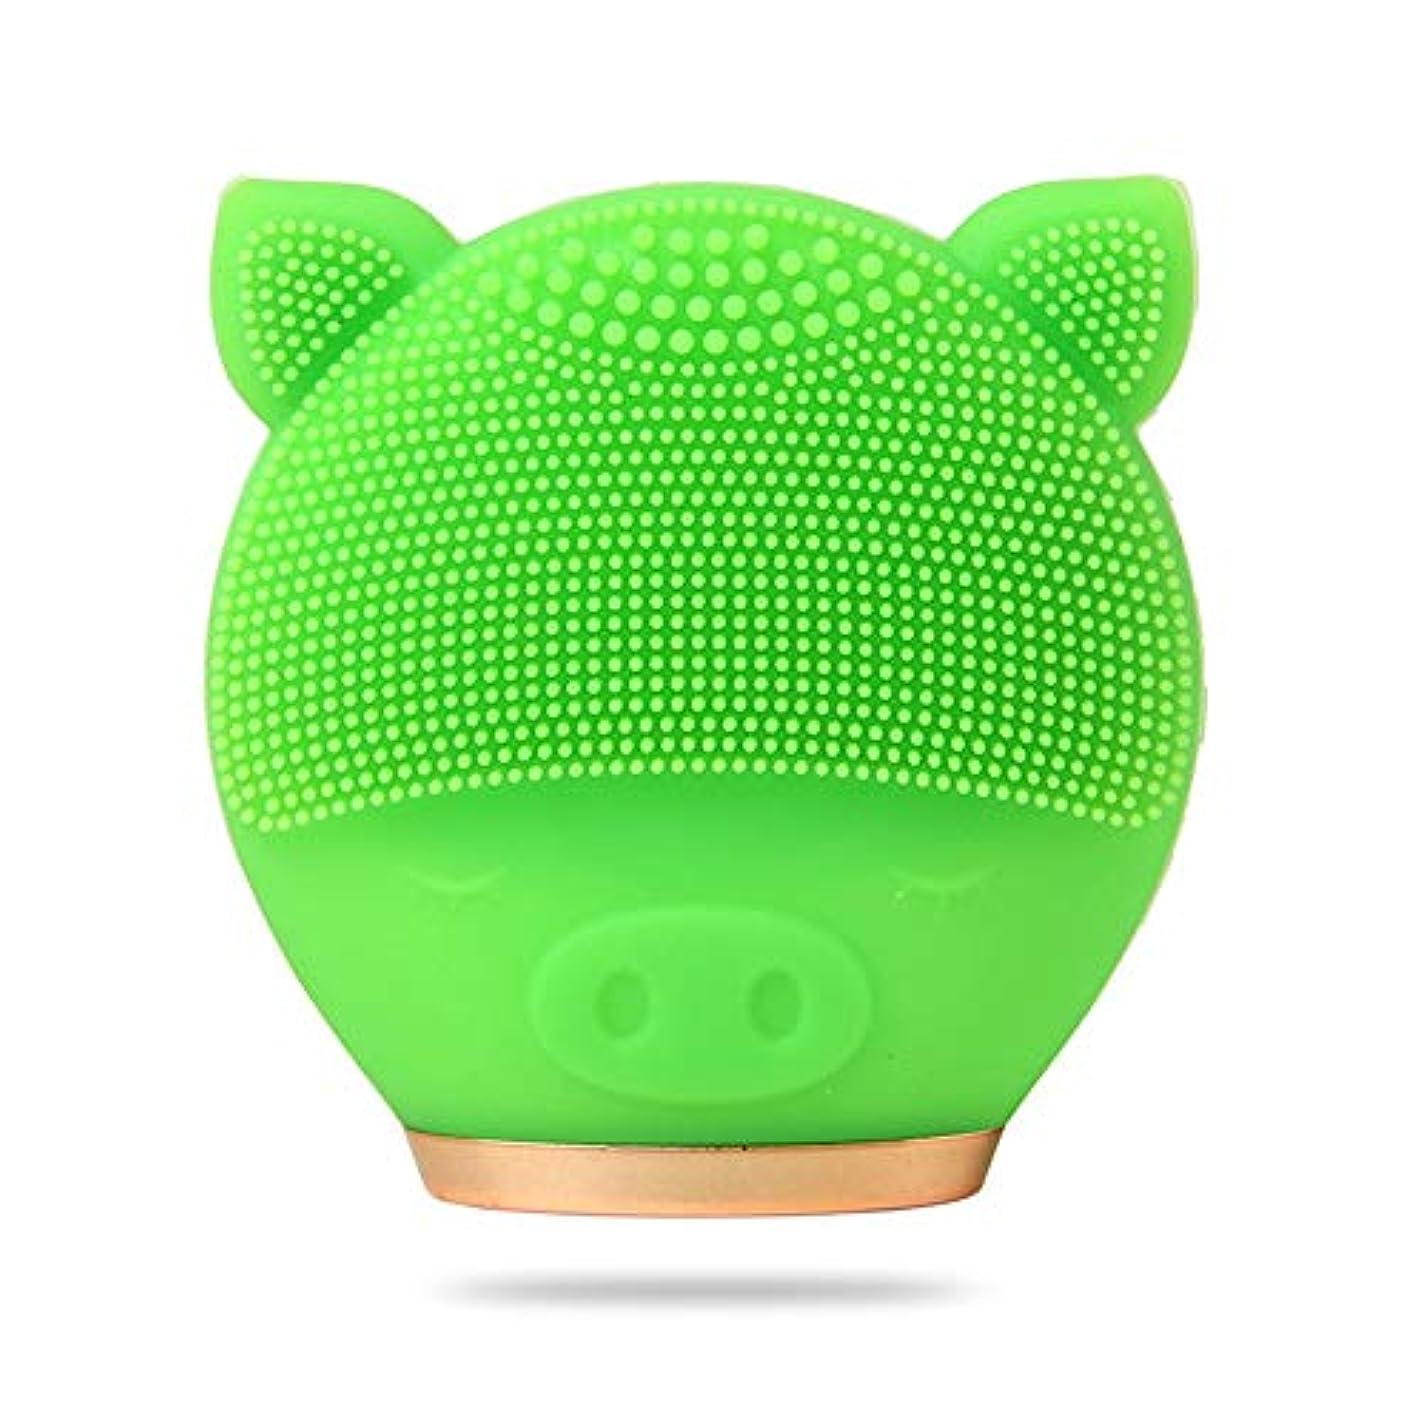 カフェテリア対処する厳ZXF 新しい豚モデル電気クレンジング楽器シリコーン超音波振動洗浄顔顔毛穴クリーナー美容器具 滑らかである (色 : Green)